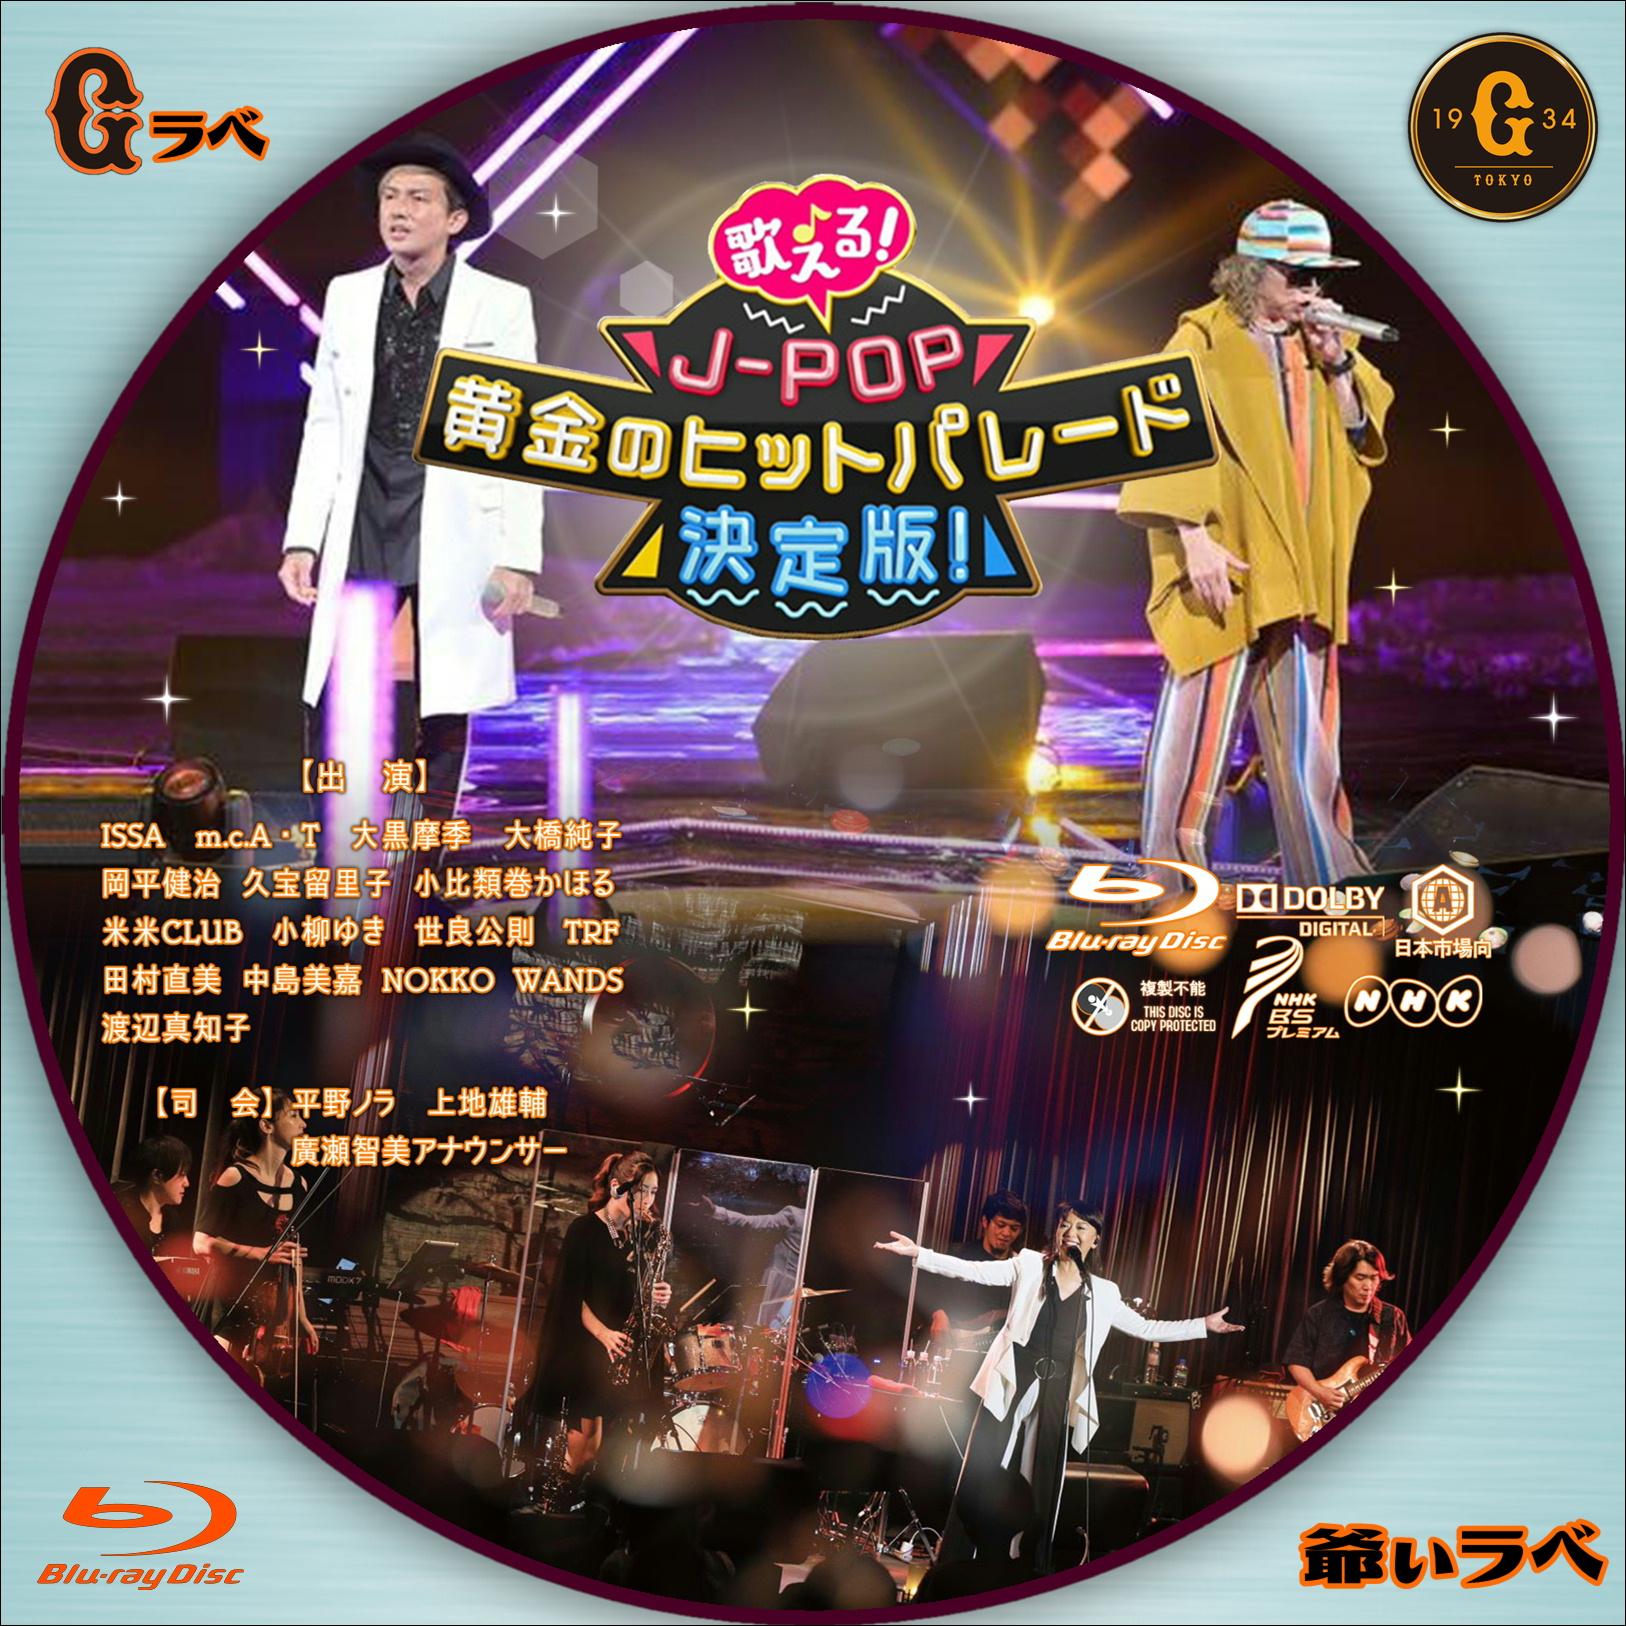 J-POP 黄金のヒットパレード決定版!2(Blu-ray)